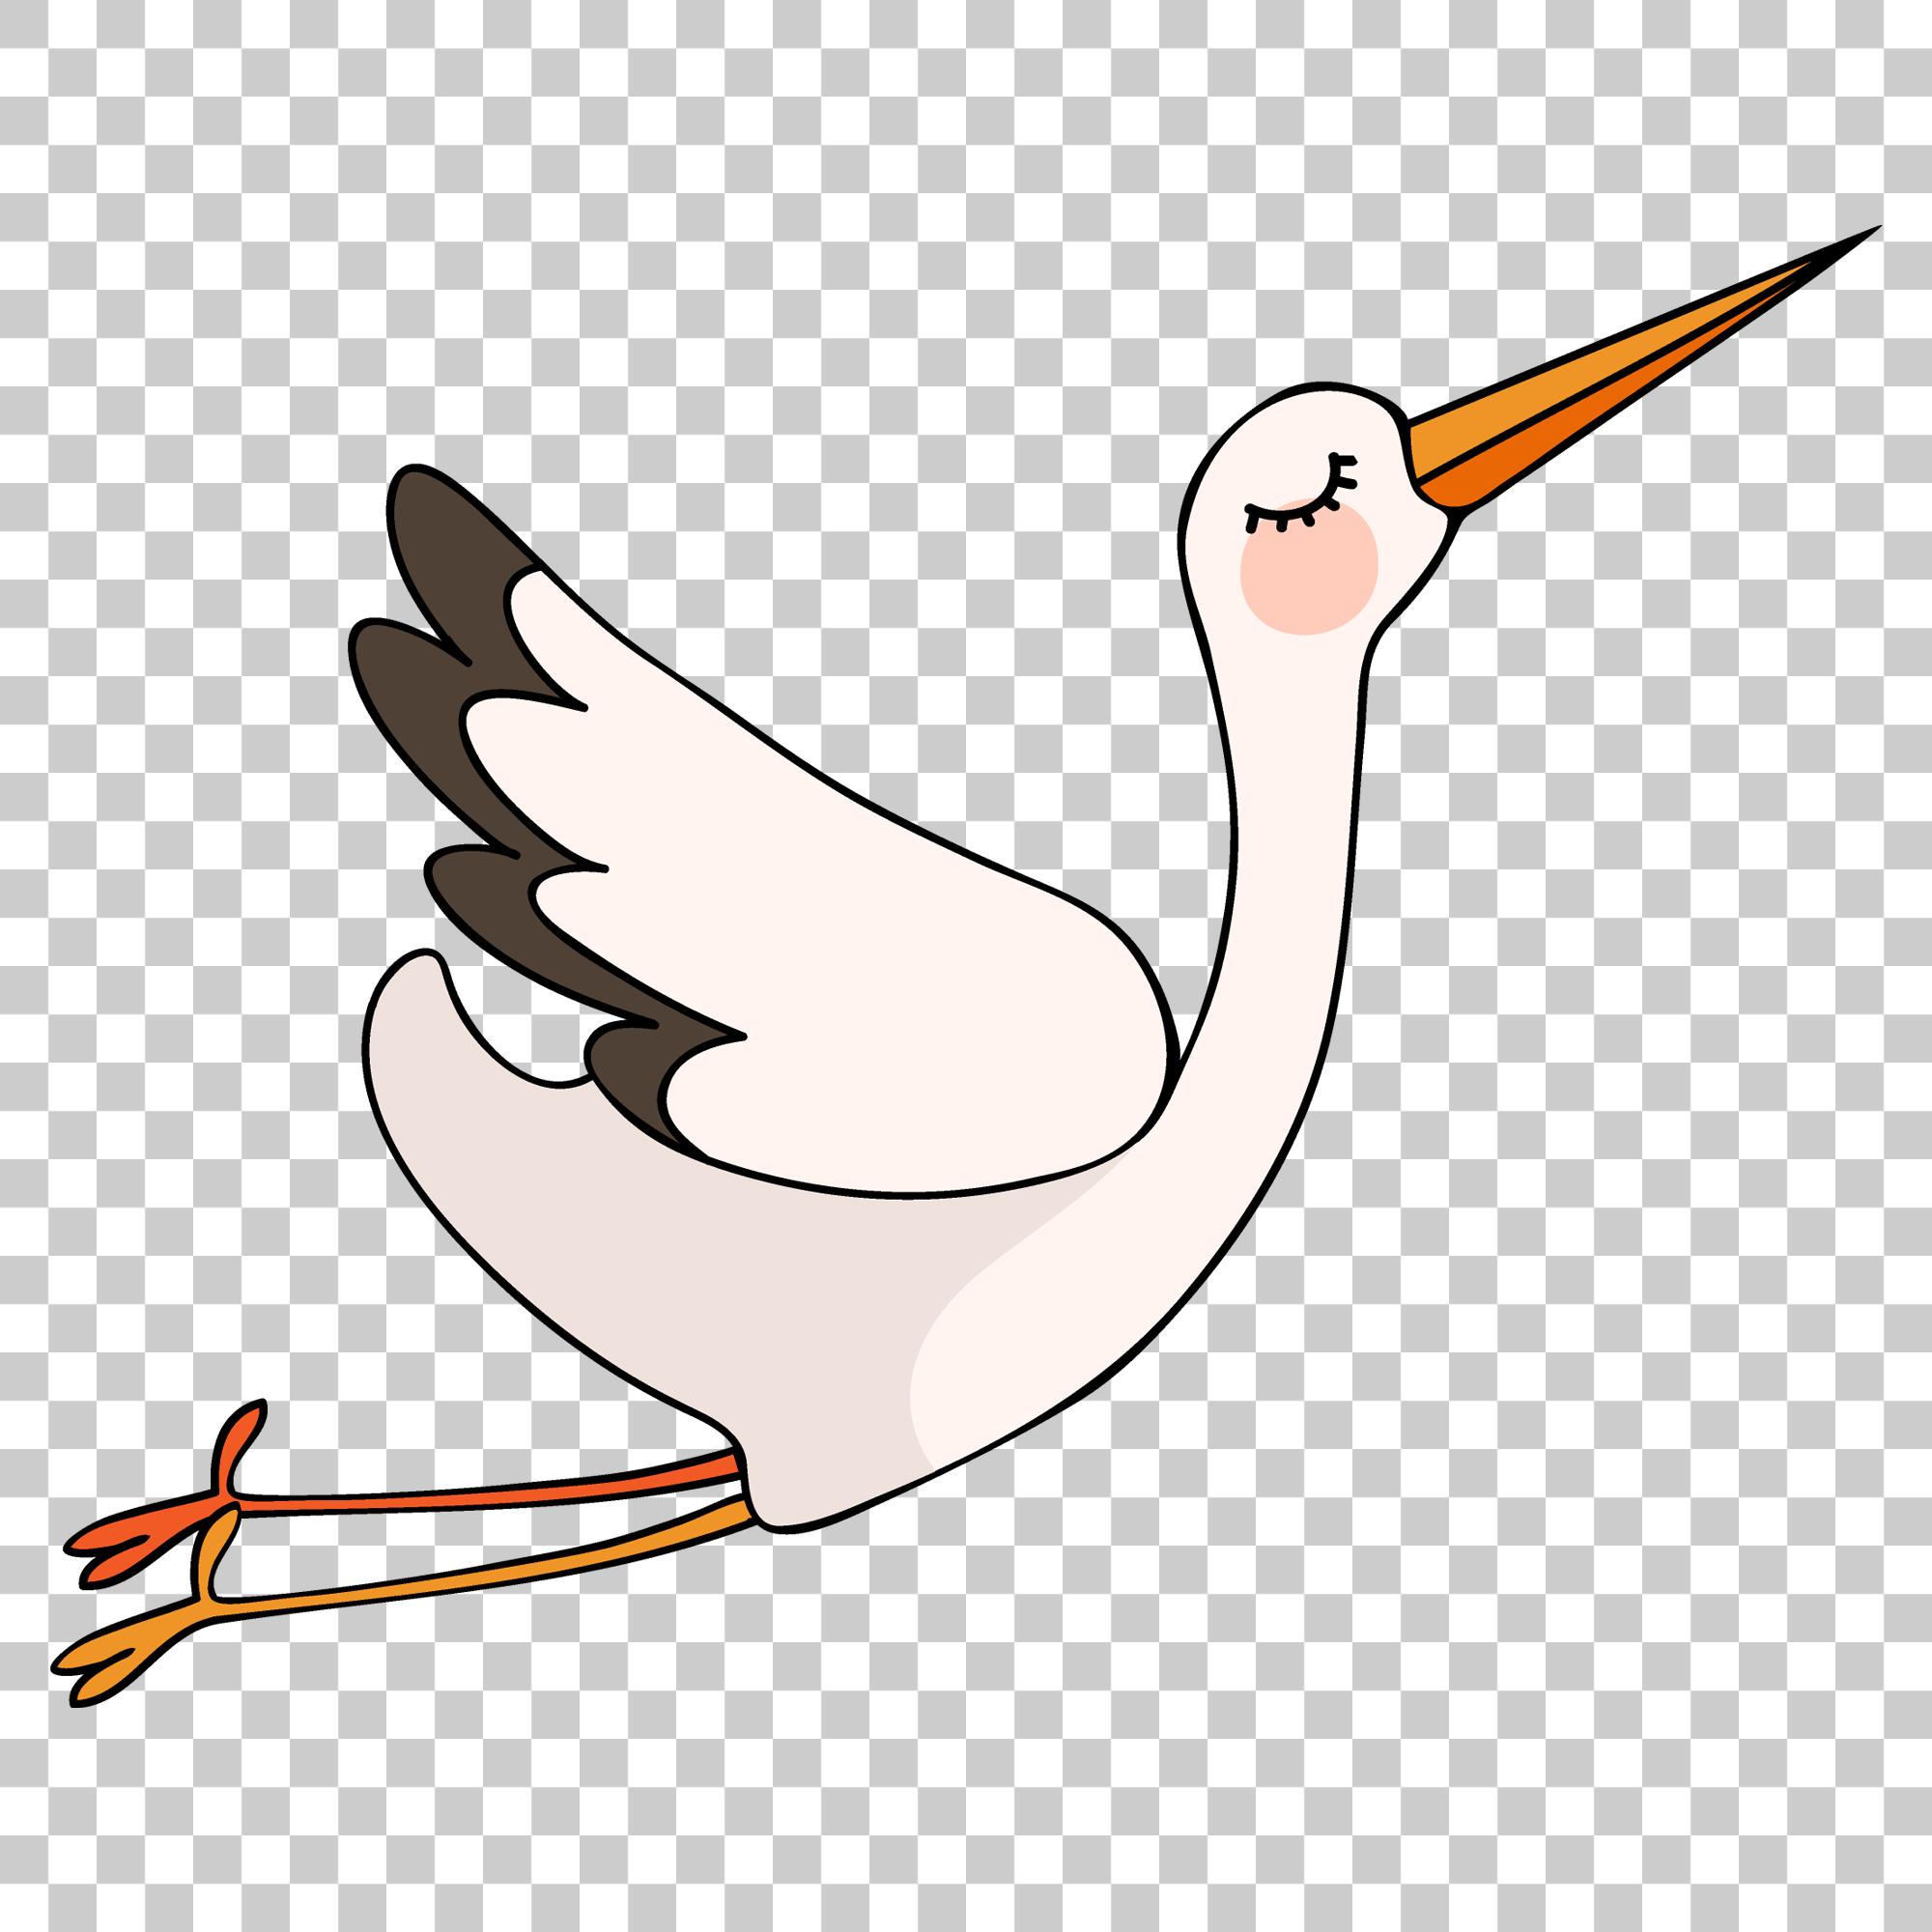 Crane Stork Bird Png Image With Transparent Background Stork Bird Cartoons Png Stock Images Free